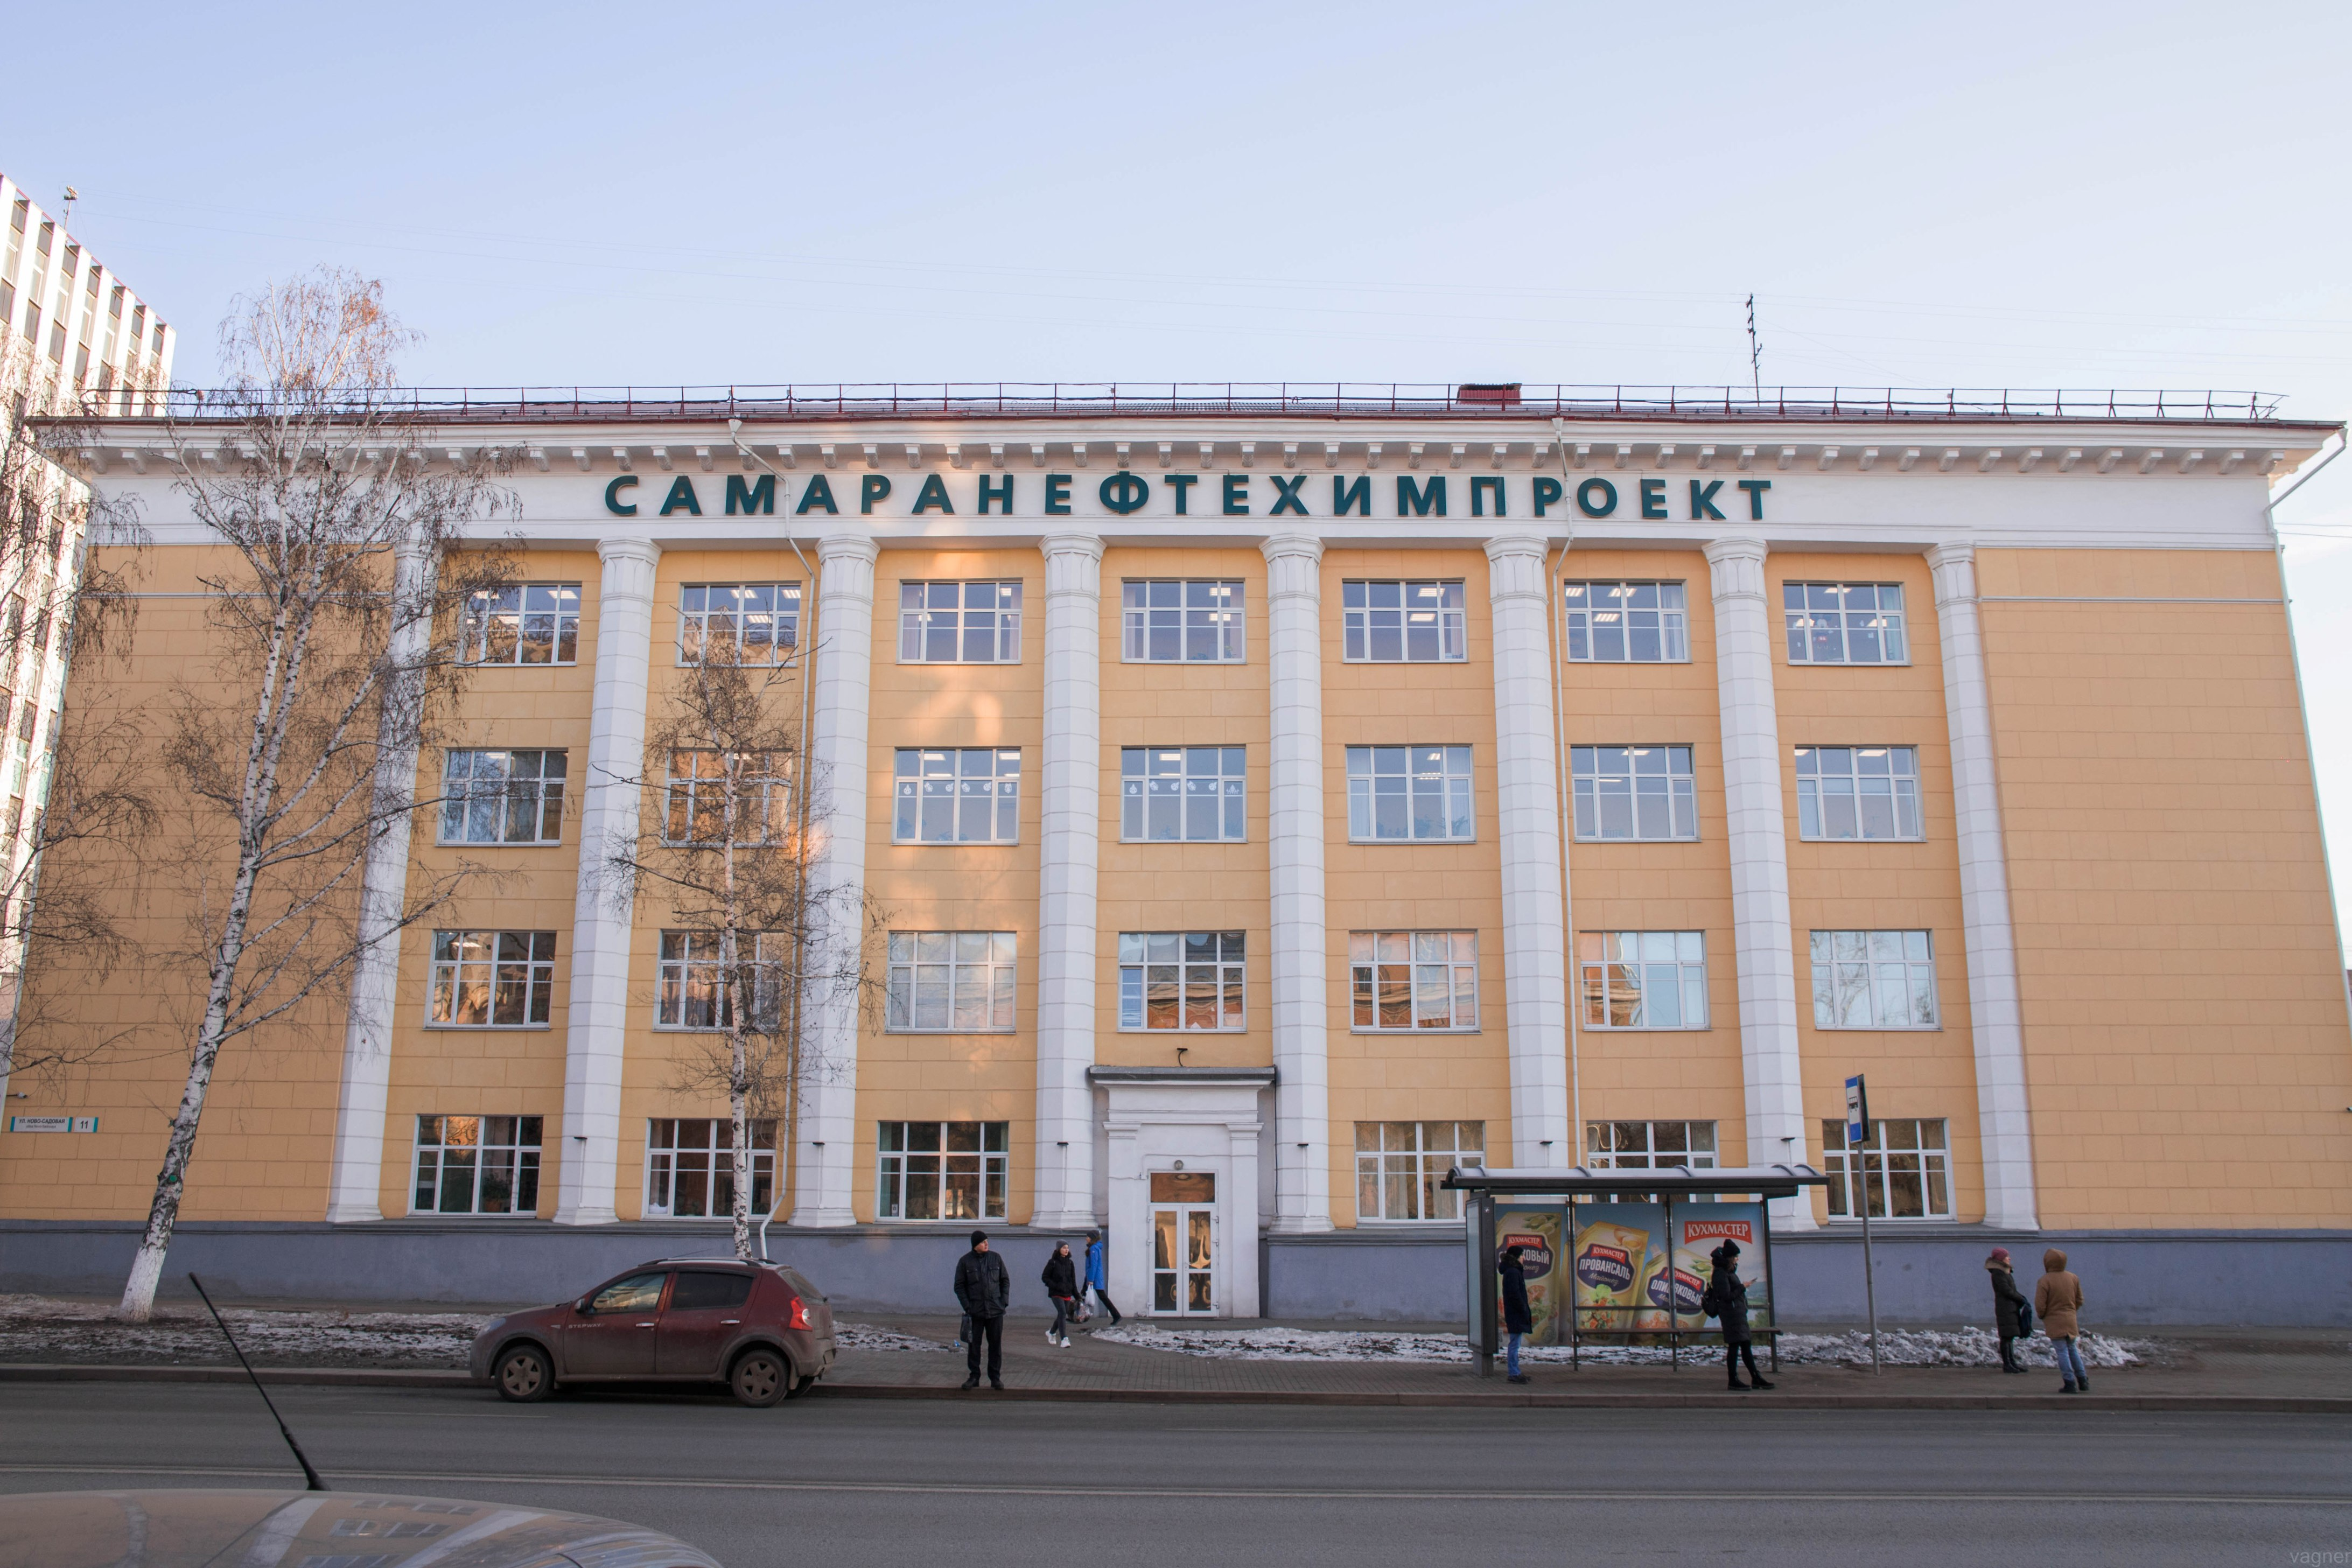 Самаранефтехимпроект